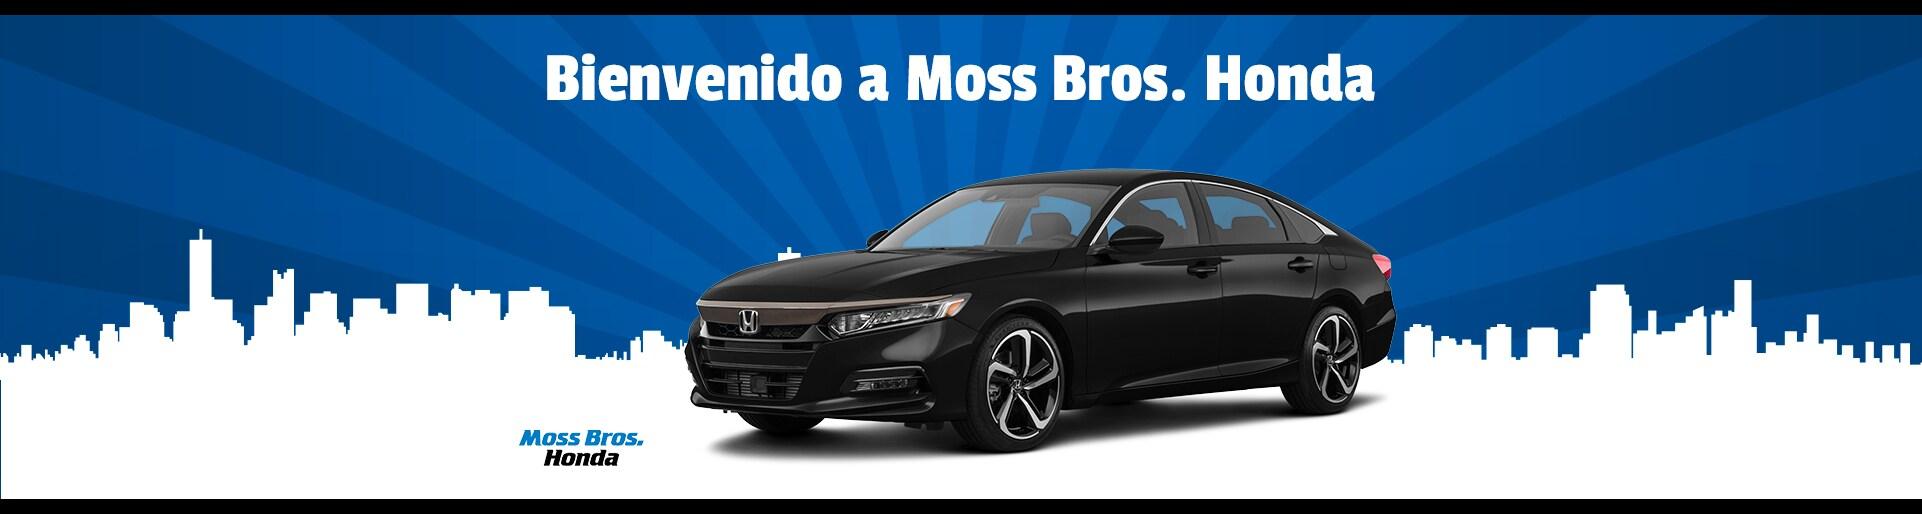 Nosotros En Moss Bros. Honda Moreno Valley ...